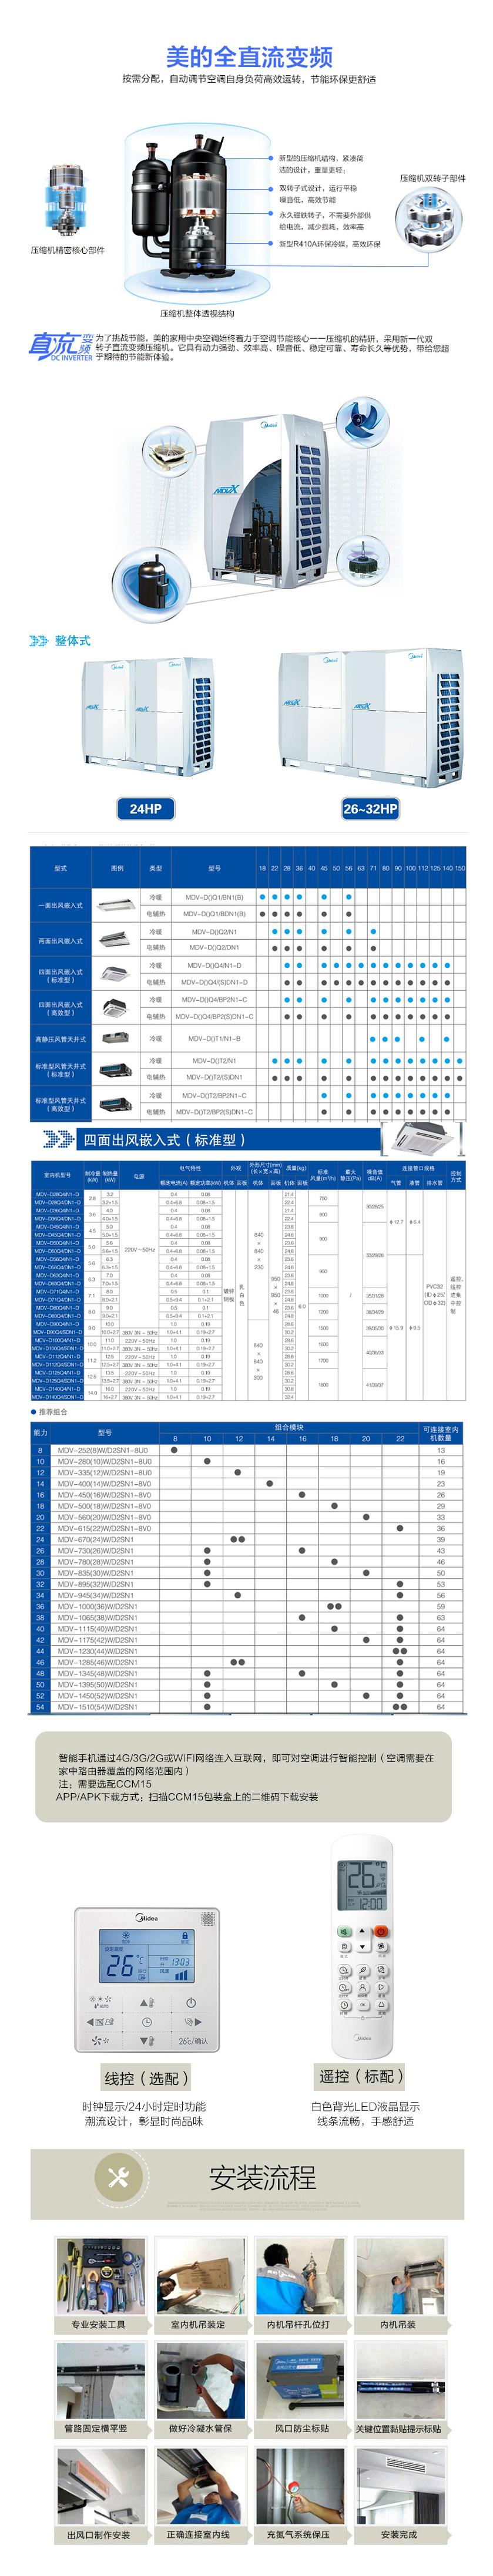 火狐截图_2019-04-26T00-58-22.990Z.png